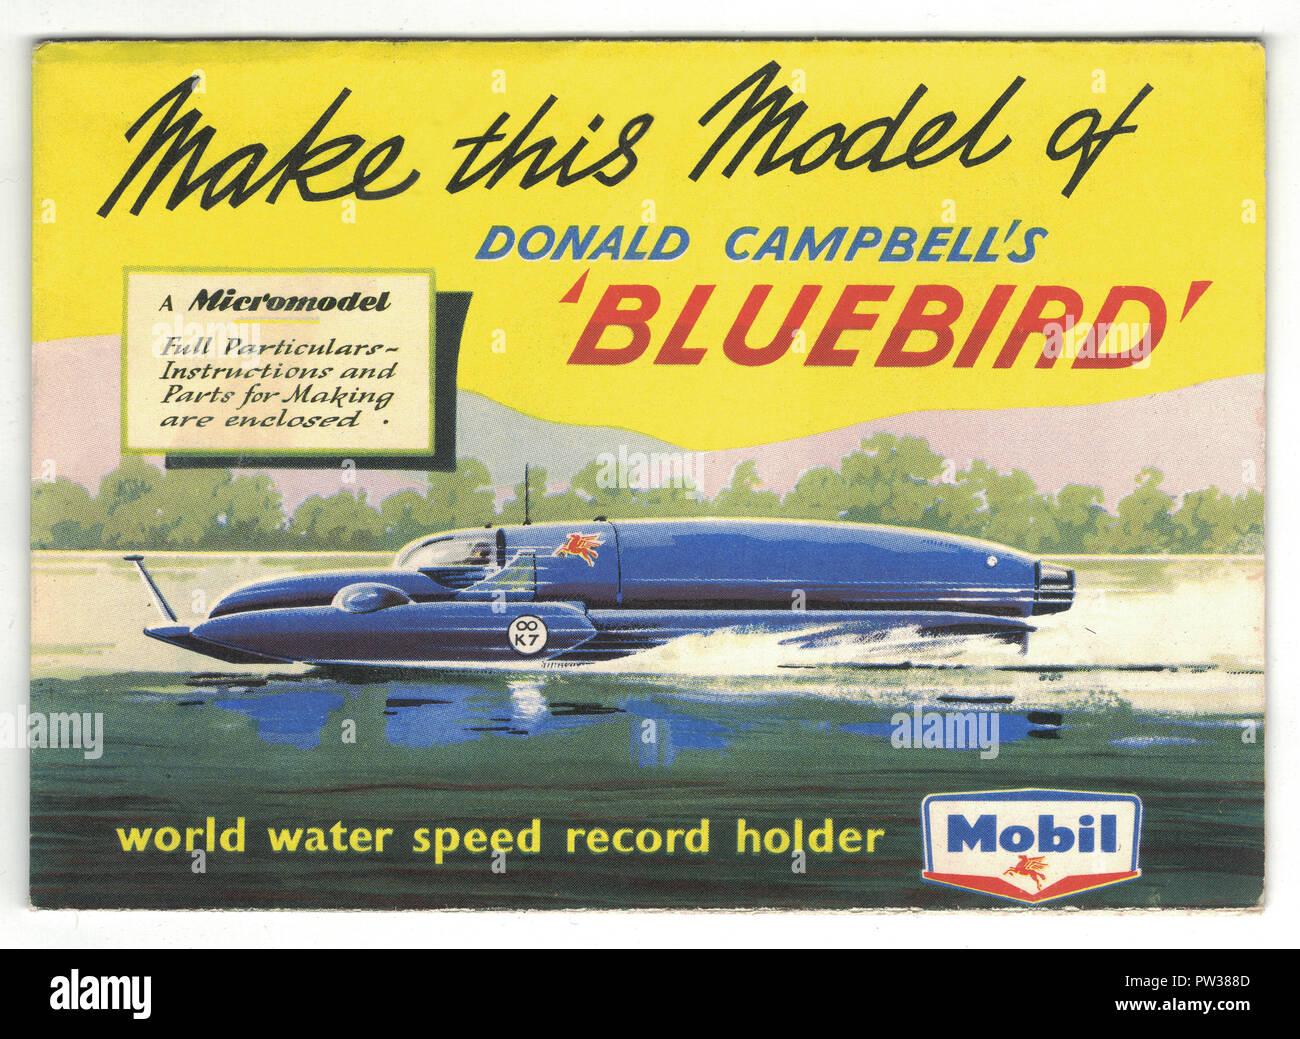 Donald Campbell's Bluebird car, make your own model Bluebird, circa 1956 - Stock Image